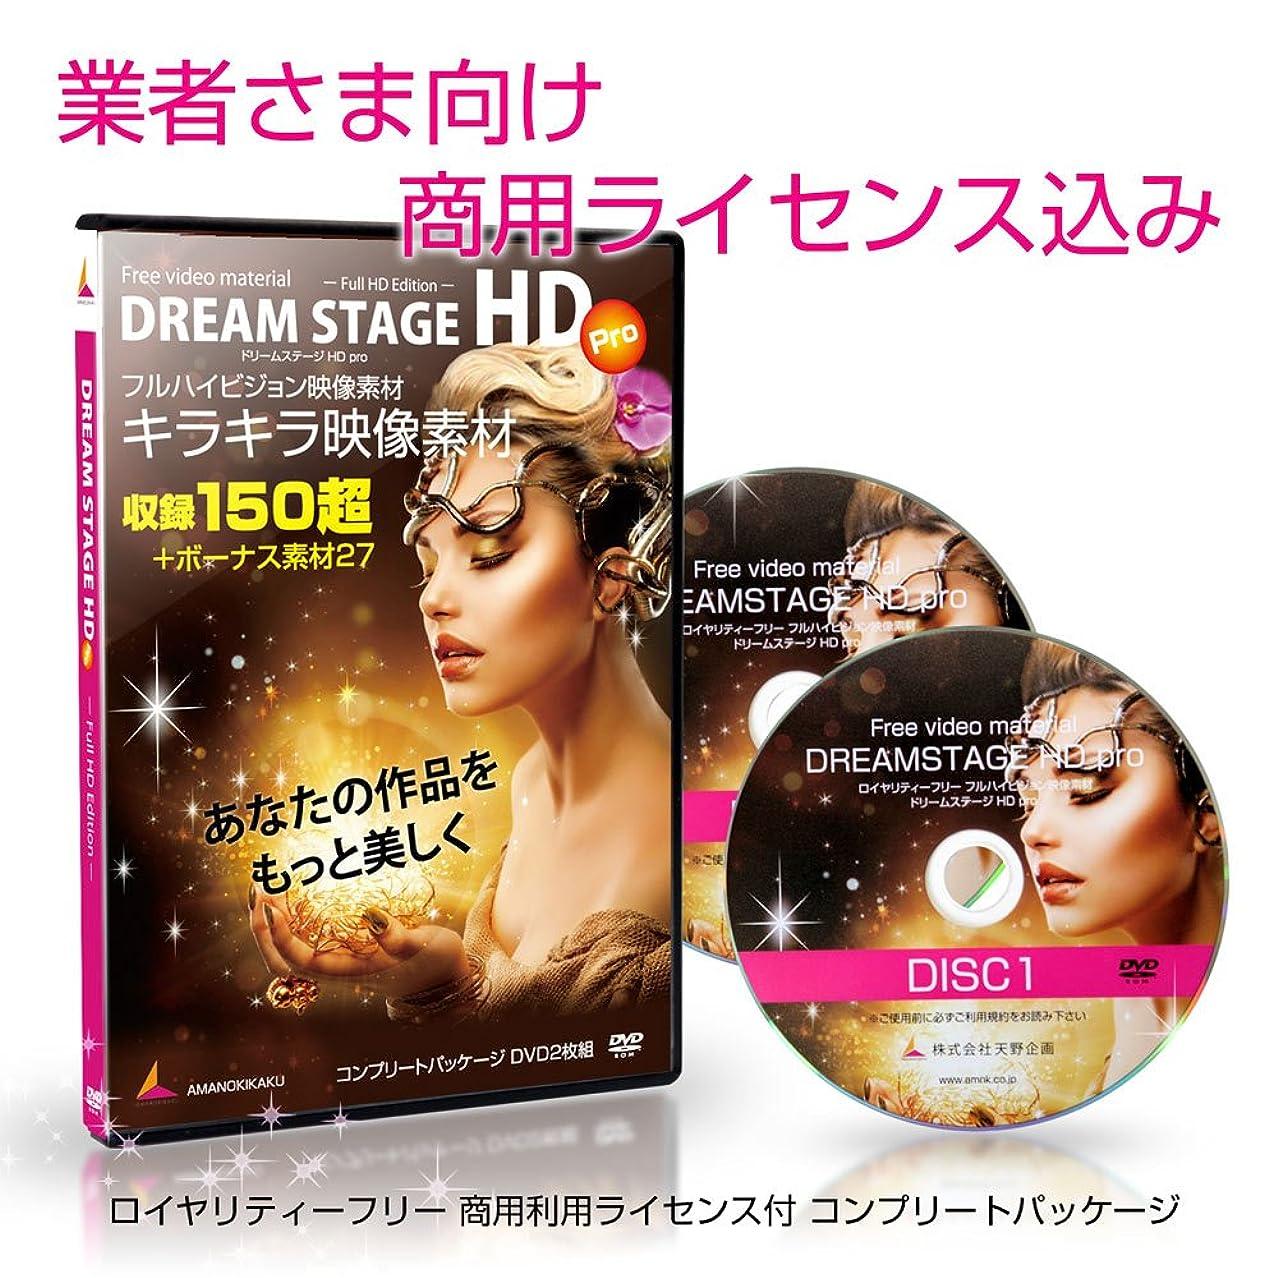 追うドナウ川非効率的なキラキラ系HD映像素材「ドリームステージHD pro」 (商用利用向け) 2枚組